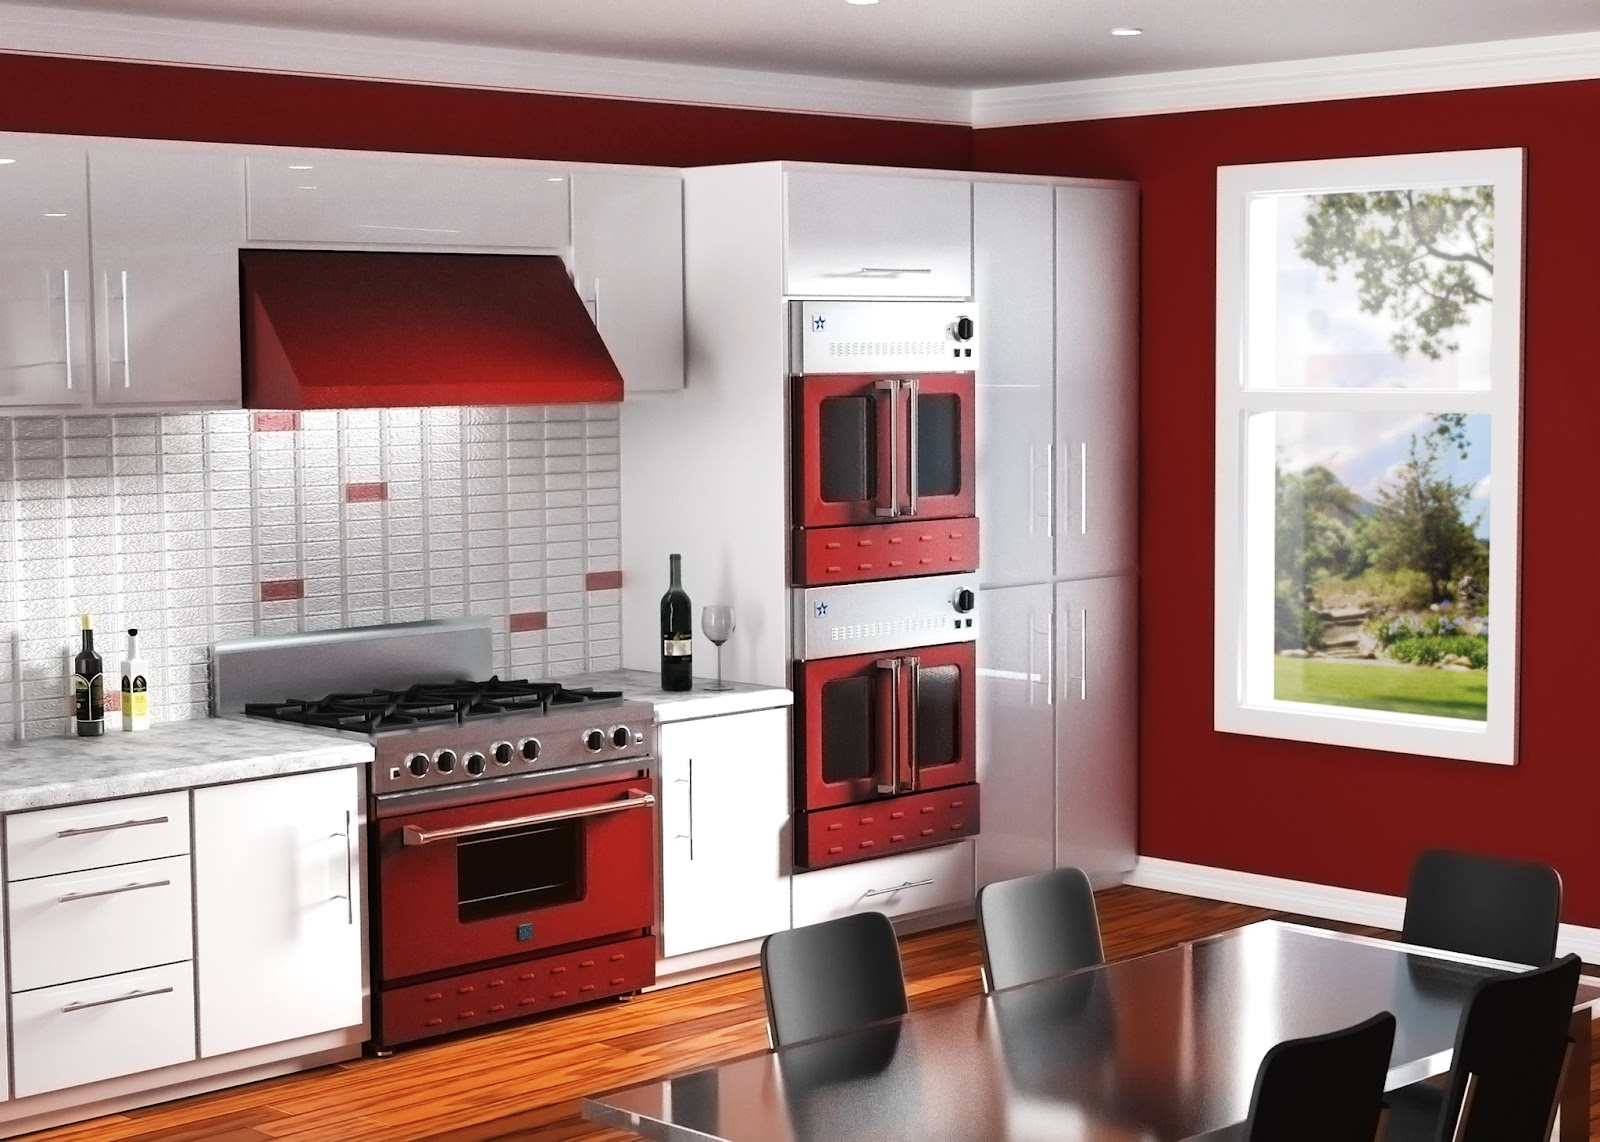 Platinum Color Kitchen Appliances